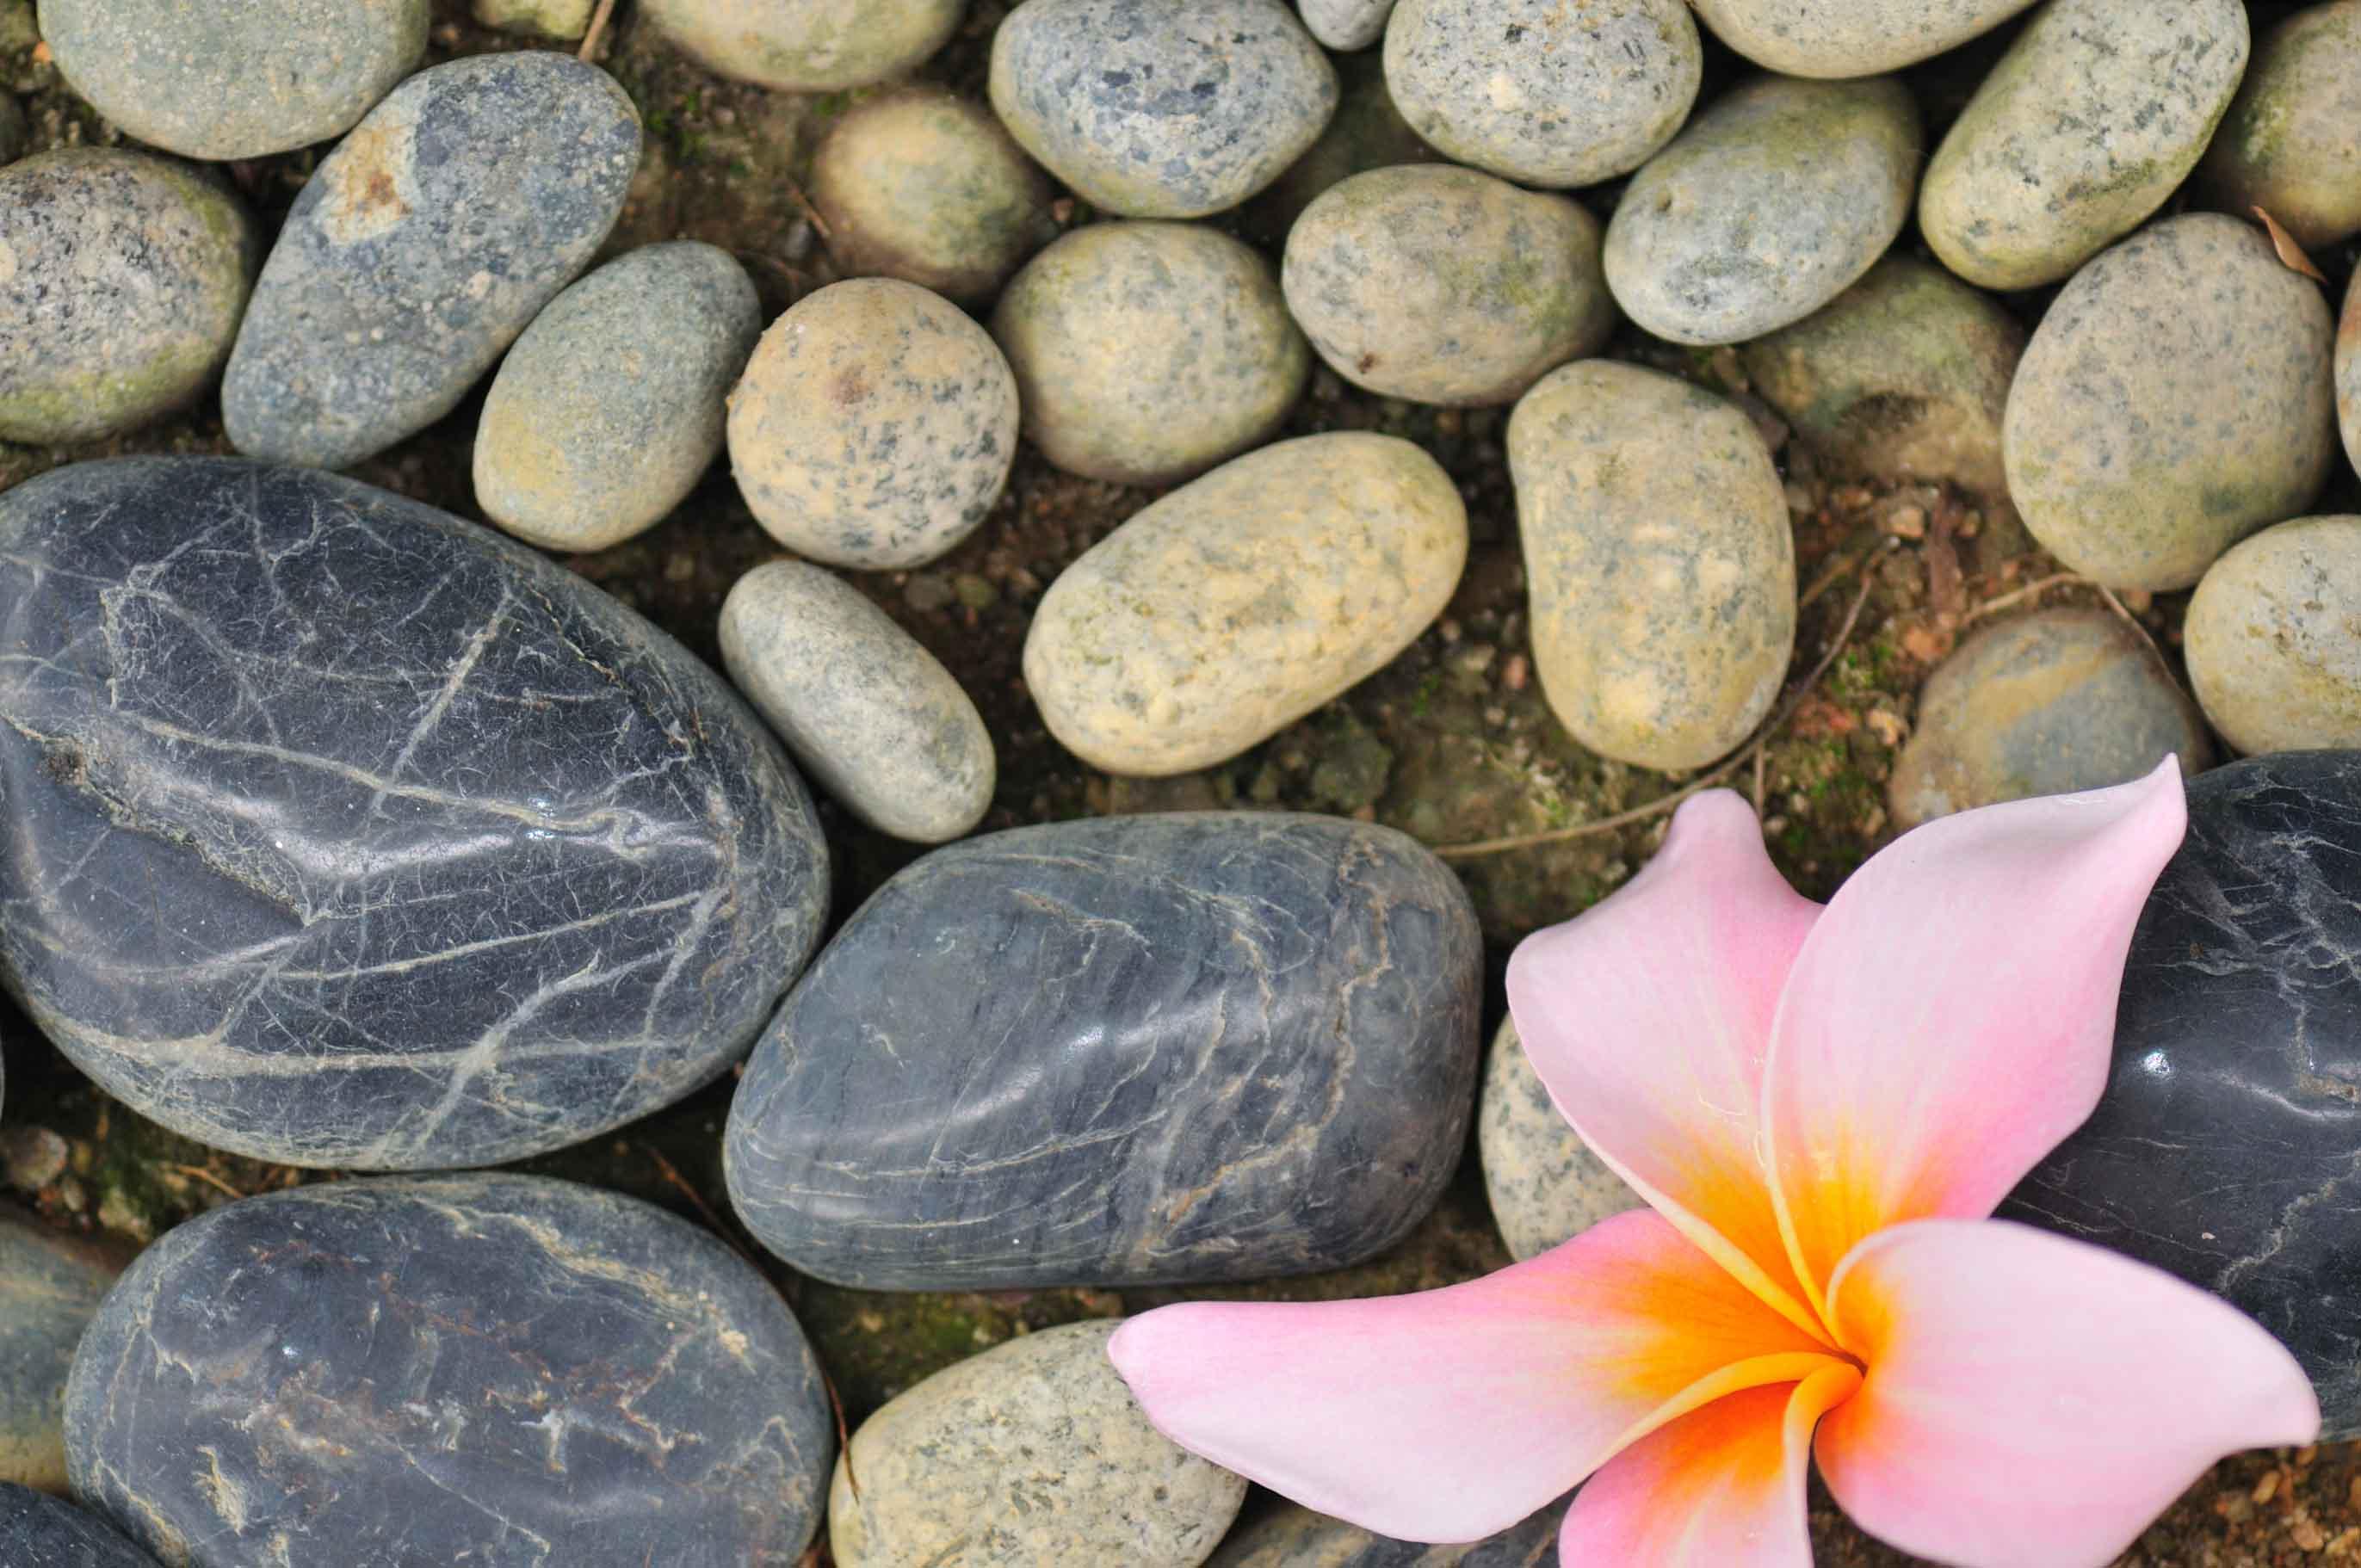 La tnr e l esercizio terapeutico conoscitivo etc - Giardino zen in miniatura ...